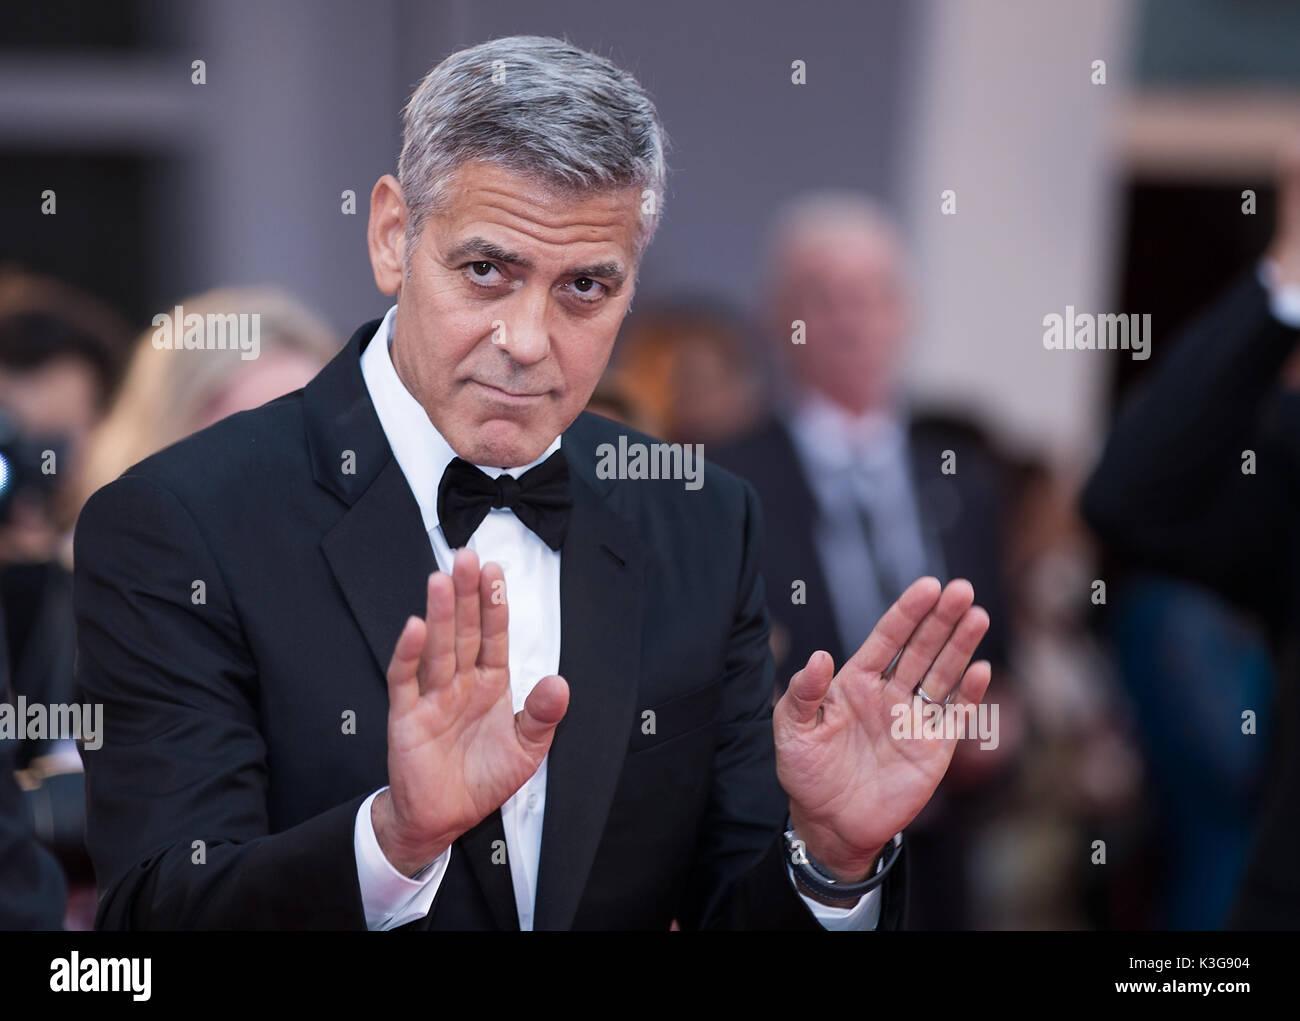 """Venise, Italie. 2Nd Sep 2017. George Clooney directeur assiste à la première du film """"uburbicon' en compétition Banque D'Images"""